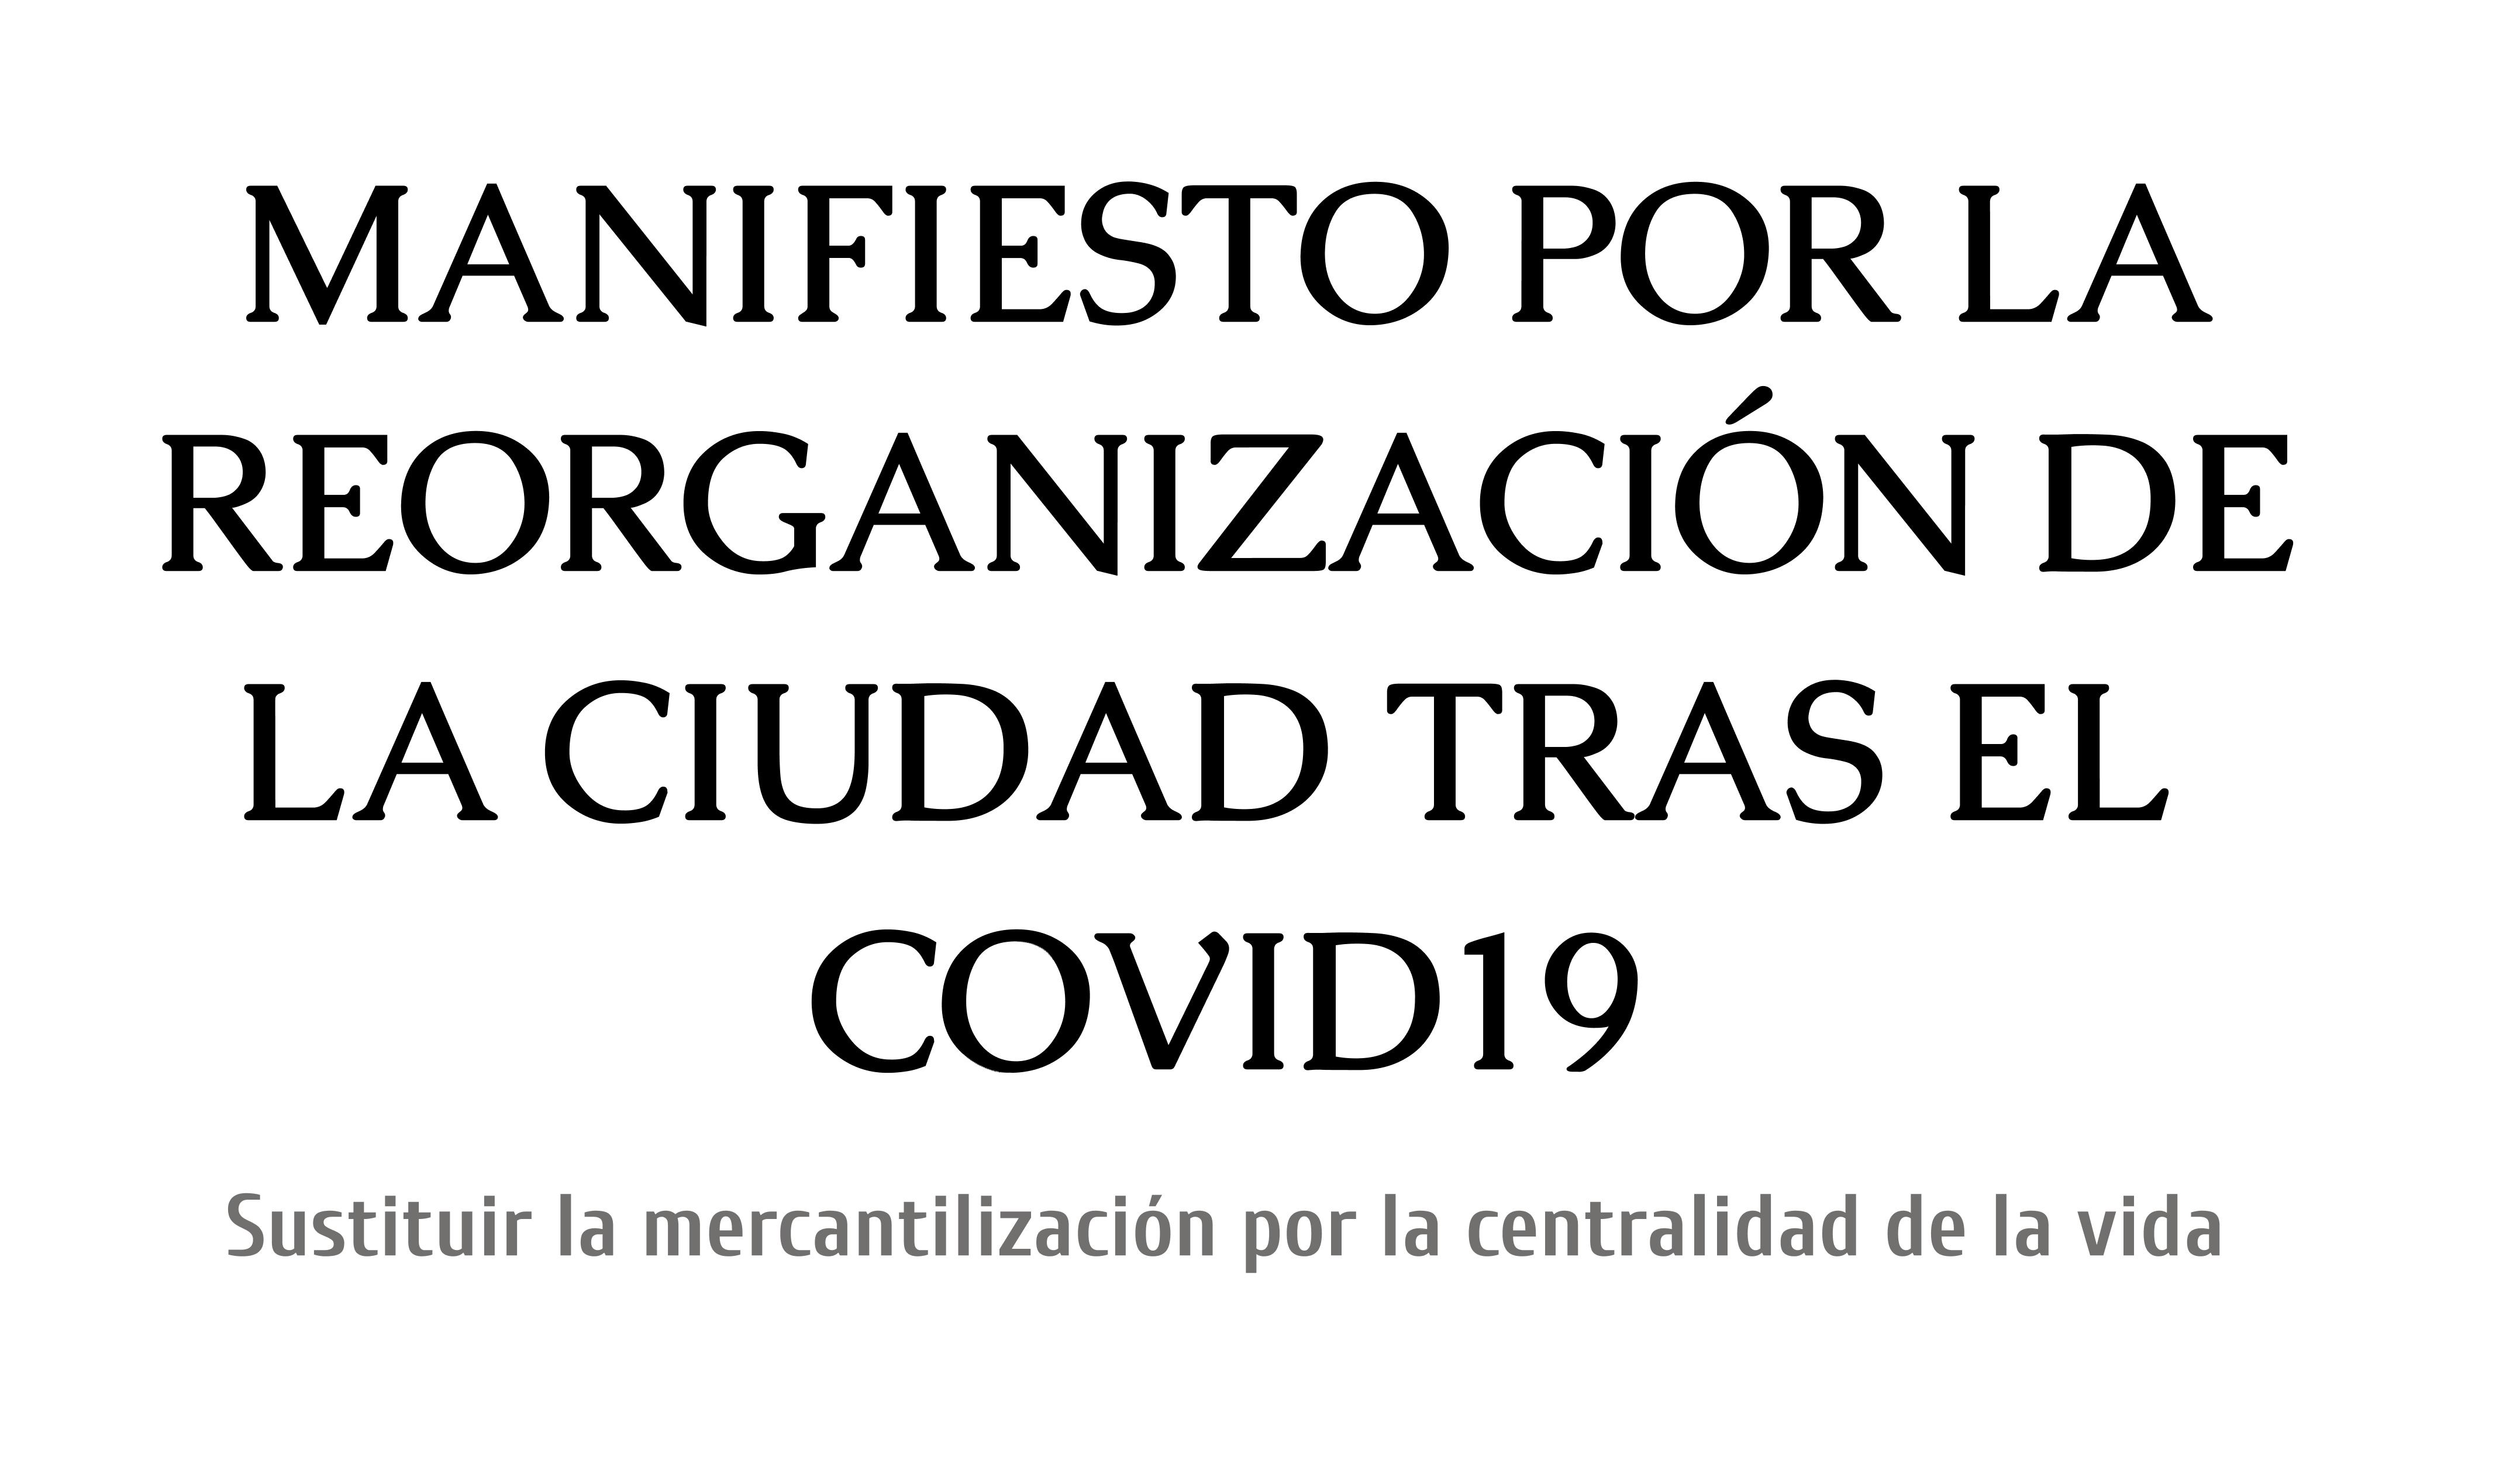 MANIFIESTO POR LA REORGANIZACIÓN DE LA CIUDAD TRAS EL COVID19